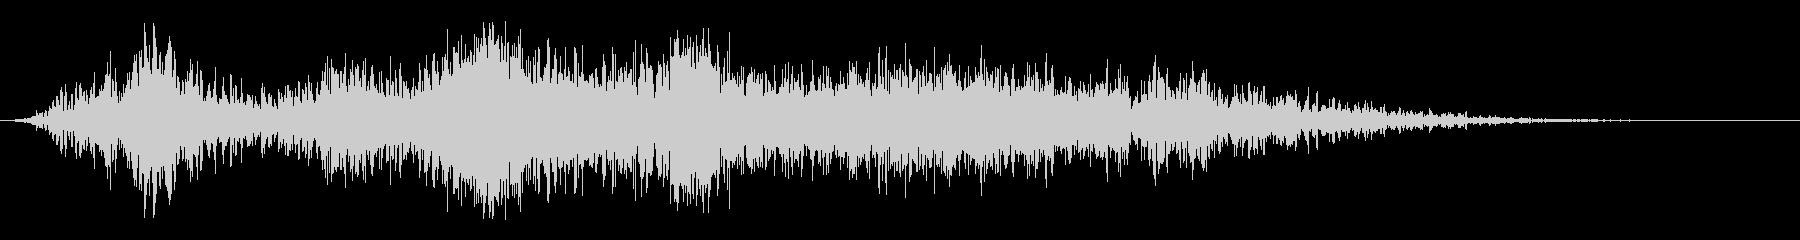 乱流の複雑なフーシュ2の未再生の波形